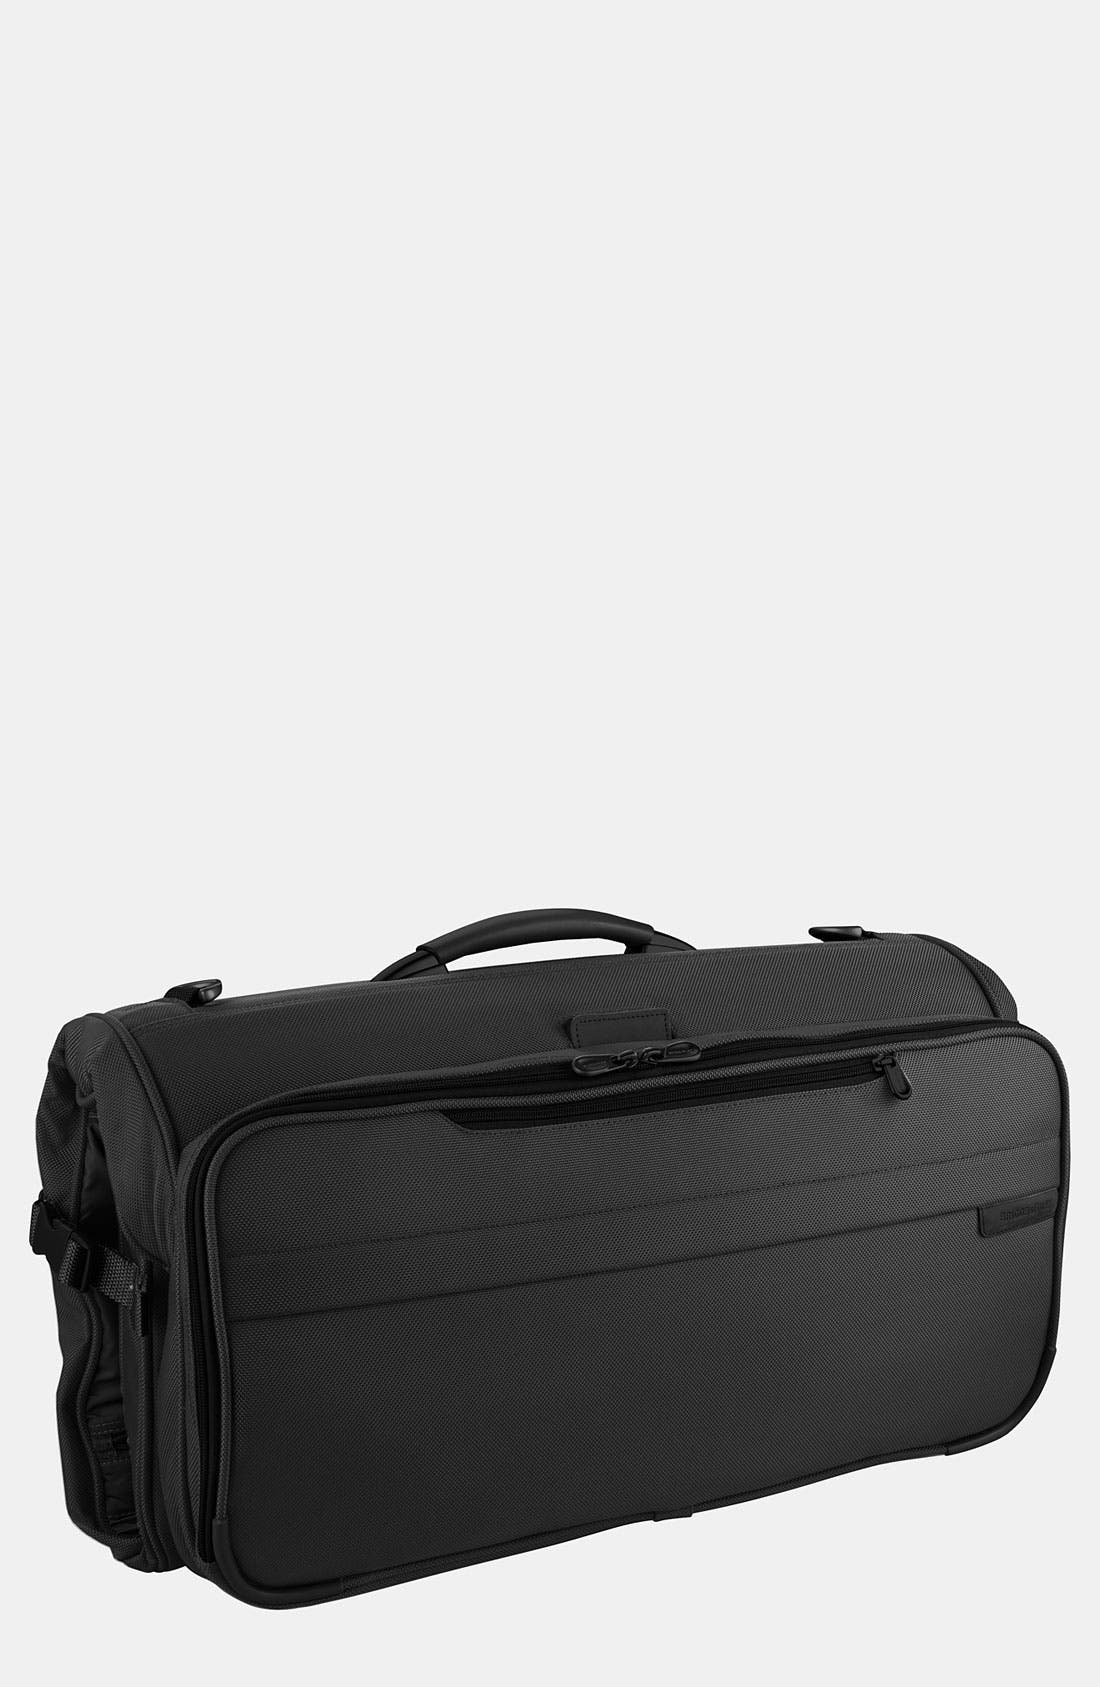 Baseline - Compact Garment Bag,                             Main thumbnail 1, color,                             BLACK